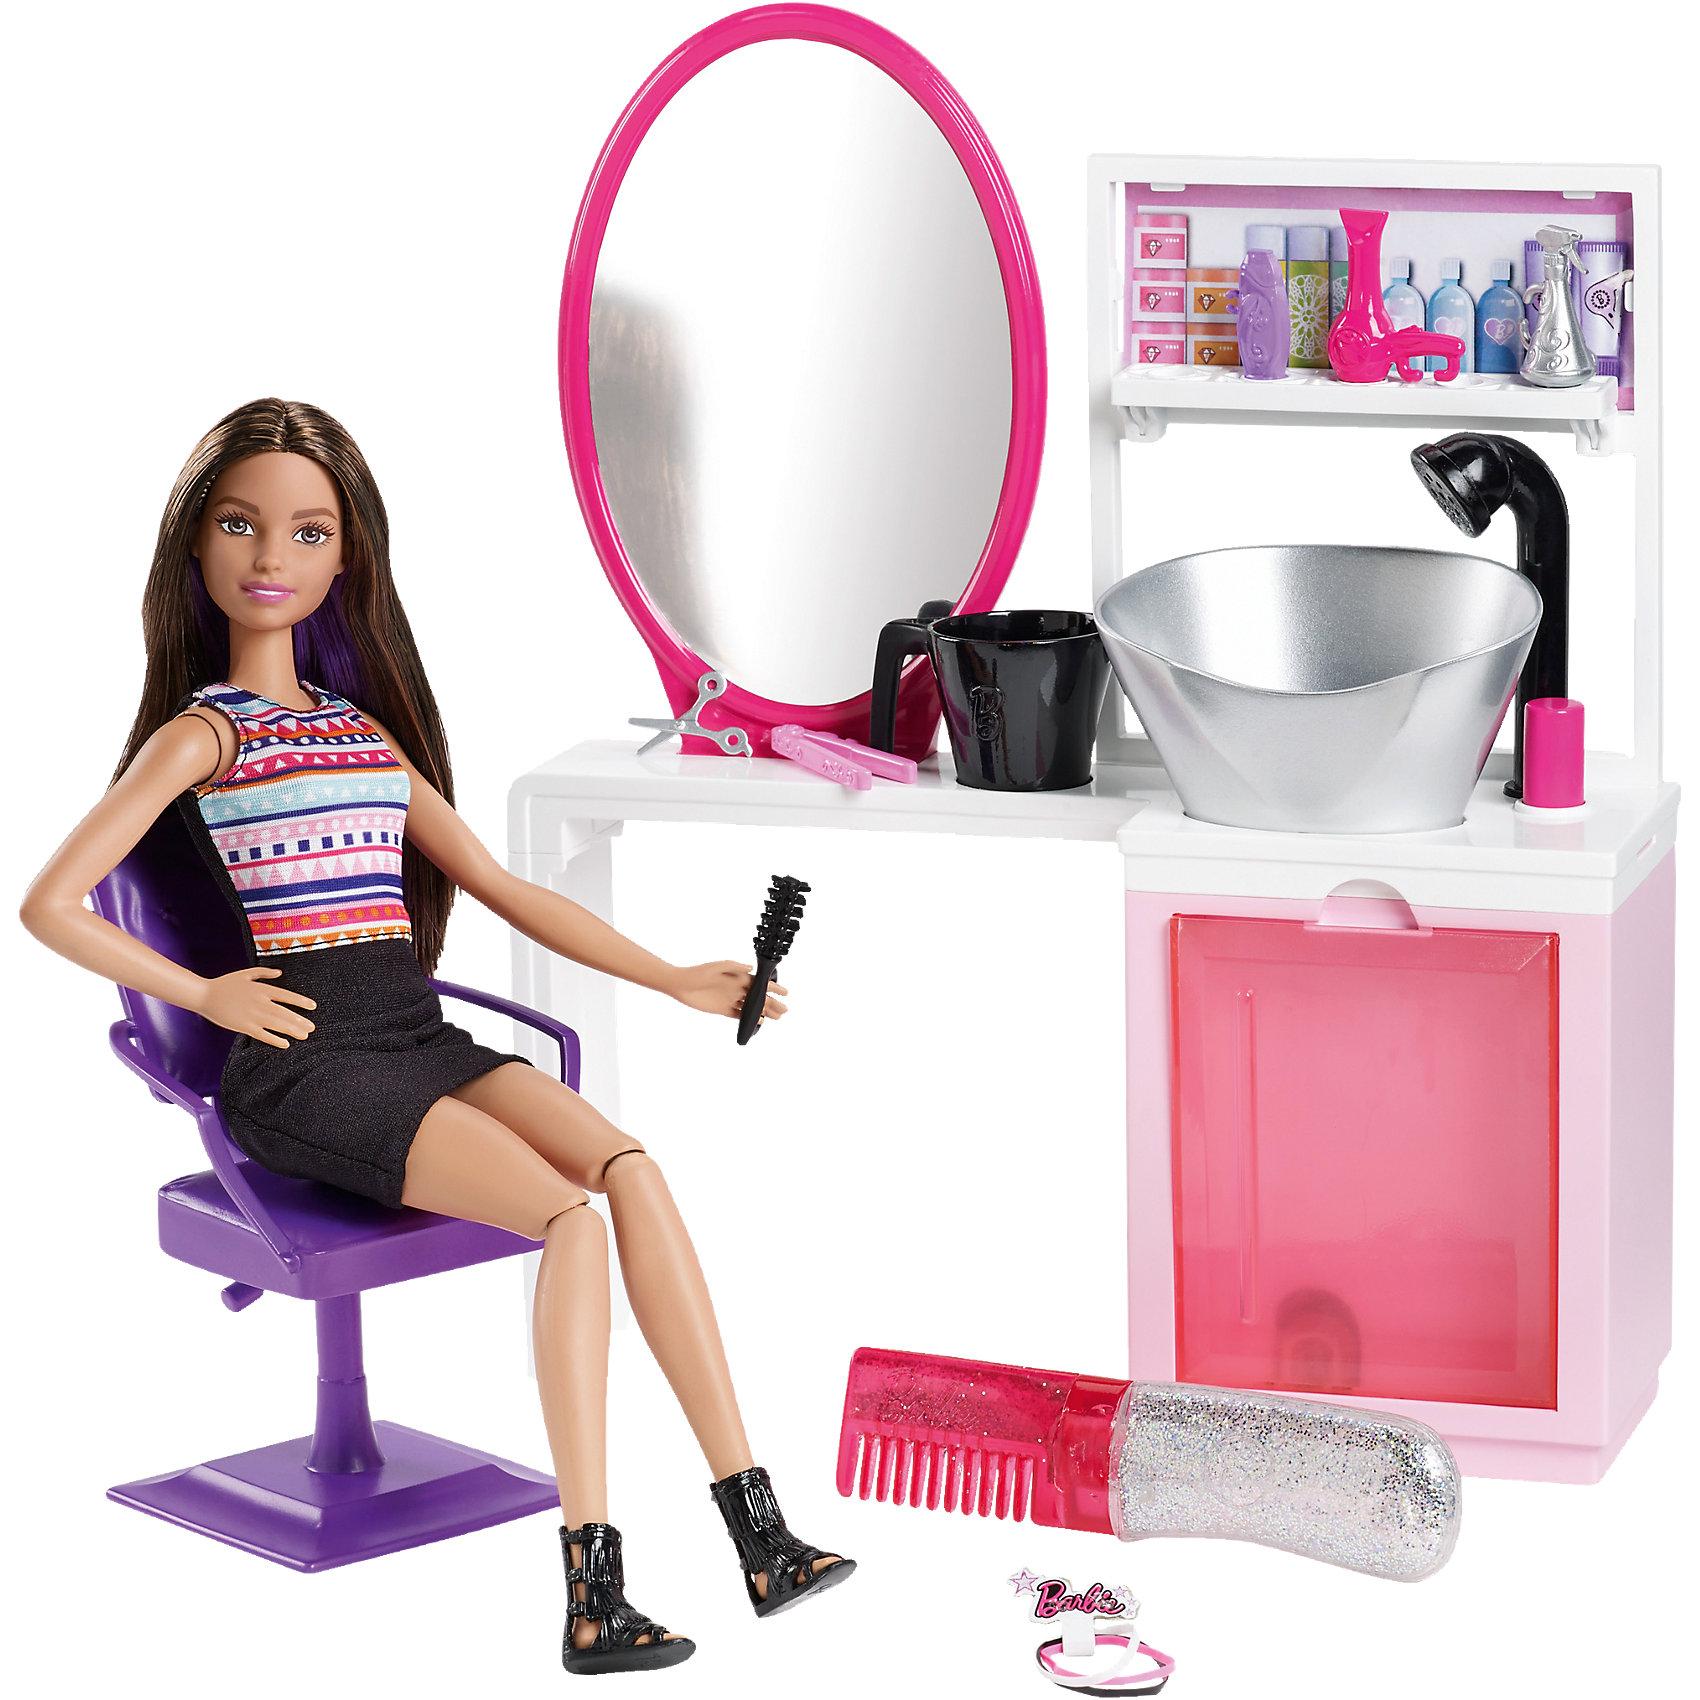 Набор для создания блестящих причесок, BarbieПопулярные игрушки<br>Создайте стильную блестящую прическу для Барби! В набор входит всё, что нужно начинающему стилисту: туалетный столик, раковина, стульчик, расческа с блестками, спрей, фен и многое другое. Вы можете сделать кукле укладку, нанести блестки - волшебная прическа готова! Блестки легко смываются и ребенок с легкостью сможет сделать новую прическу, предварительно помыв волосы кукле с помощью шампуня и раковины из набора. Барби одета в стильное платье с орнаментом. Ее длинные каштановые волосы украшены фиолетовыми прядями. Добавьте к ним немного блесток, и волосы куклы начнут сверкать! Девочка несомненно обрадуется такому подарку и сможет почувствовать себя настоящим стилистом!<br><br>Дополнительная информация:<br>Материал: пластик, текстиль<br>Все материалы безопасны для ребенка<br>В наборе: Кукла Барби, туалетный столик с раковиной, расческа с блестками, стул, спрей, шампунь, фен, плойка, щетка, кружка, ножницы<br>Размер упаковки: 41х29,5х8 см<br>Вес: 825 грамм<br>Высота куклы: 28 см<br>Высота туалетного столика: 27 см<br><br>Набор для создания блестящих причесок Barbie(Барби) вы можете приобрести в нашем интернет-магазине<br><br>Ширина мм: 412<br>Глубина мм: 296<br>Высота мм: 83<br>Вес г: 834<br>Возраст от месяцев: 36<br>Возраст до месяцев: 72<br>Пол: Женский<br>Возраст: Детский<br>SKU: 4765311